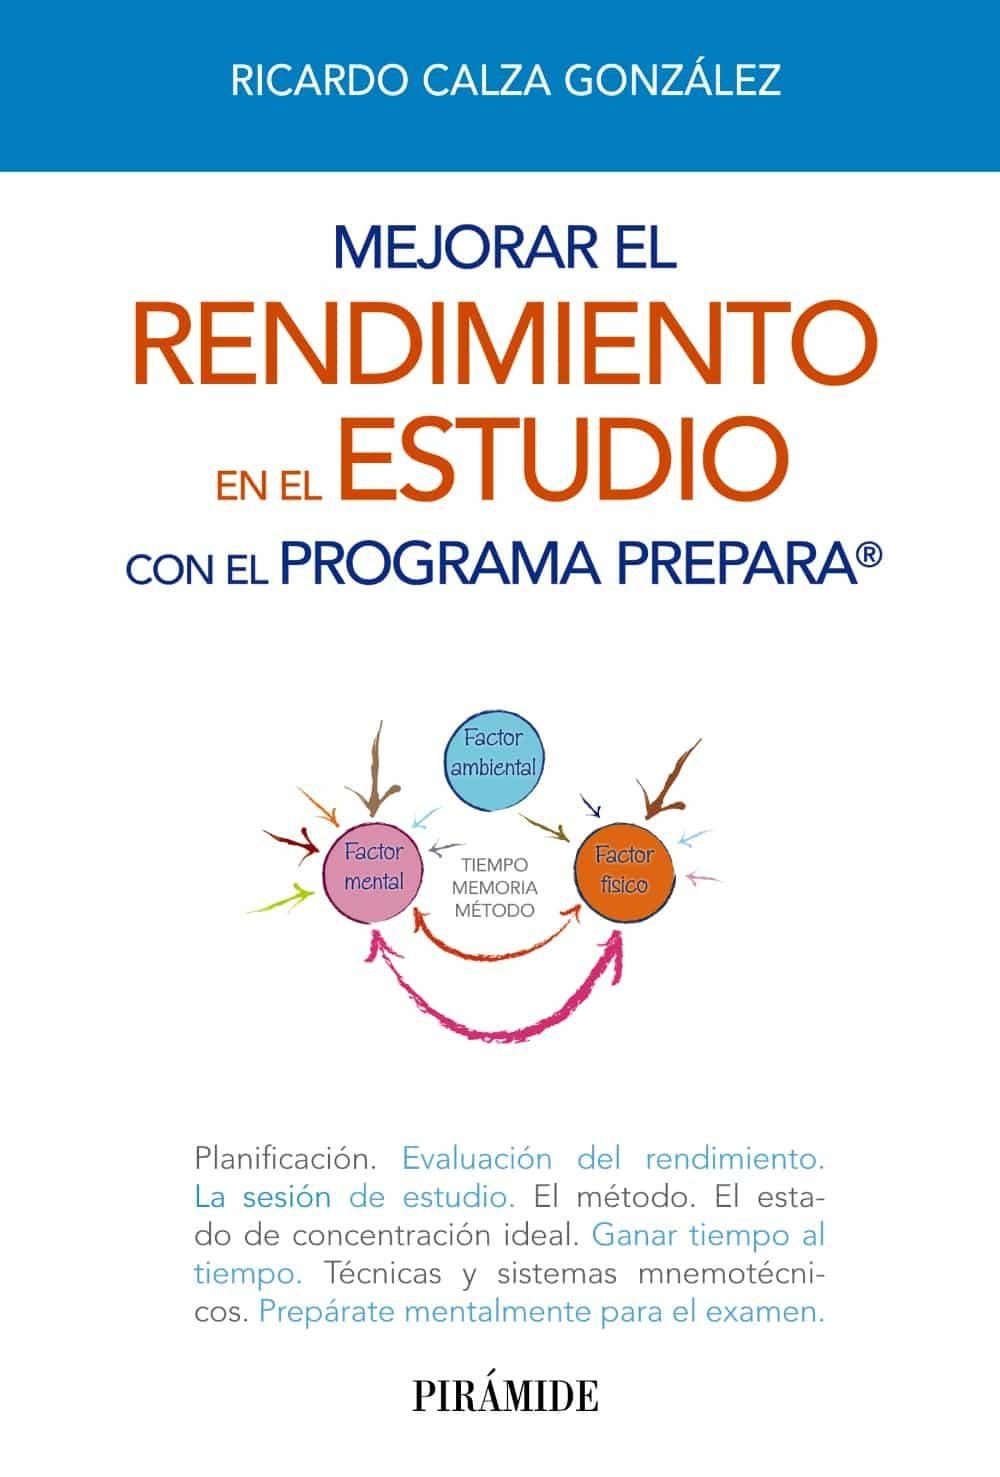 Mejorar El Rendimiento En El Estudio Con El Programa Prepara por Ricardo Calza Gonzalez